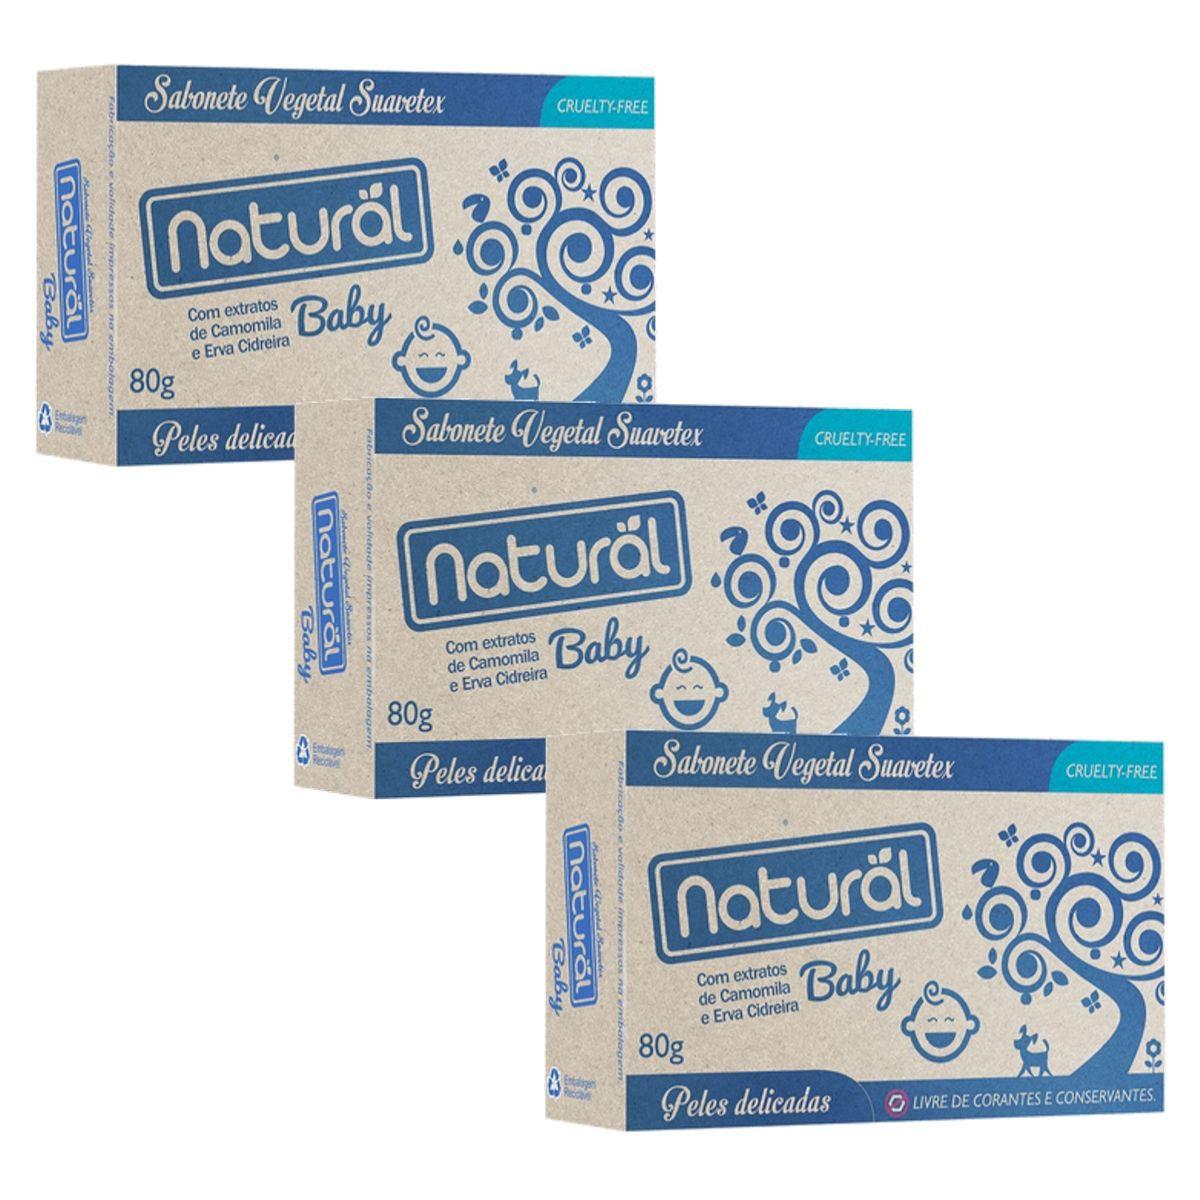 Kit 3 Sabonetes Suavetex Natural Baby C/ Extratos De Camomila e Erva Cidreira - 80g